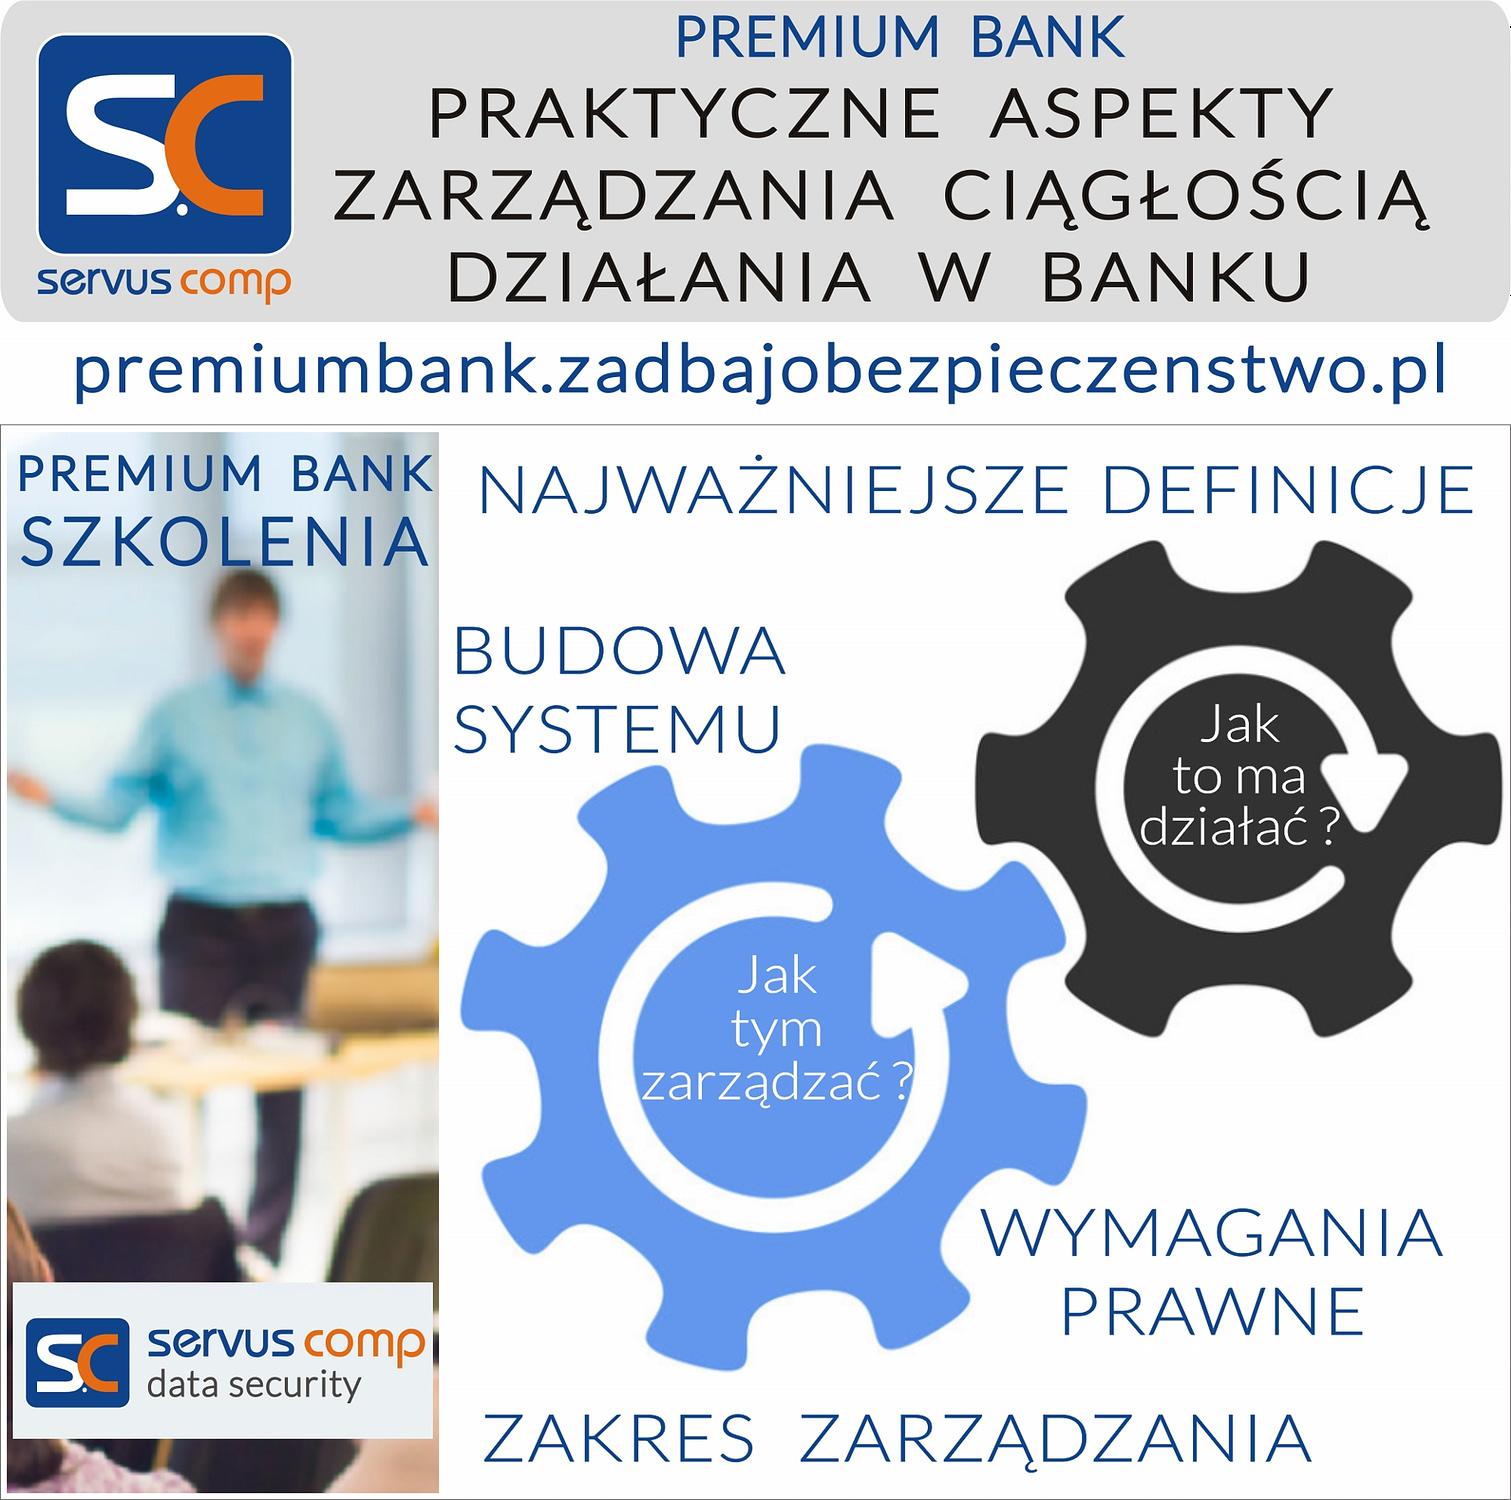 SZKOLENIE PREMIUM BANK PRAKTYCZNE ASPEKTY ZARZĄDZANIA CIAGŁOŚCIĄ DZIAŁANIA W BANKU Servus-comp.pl